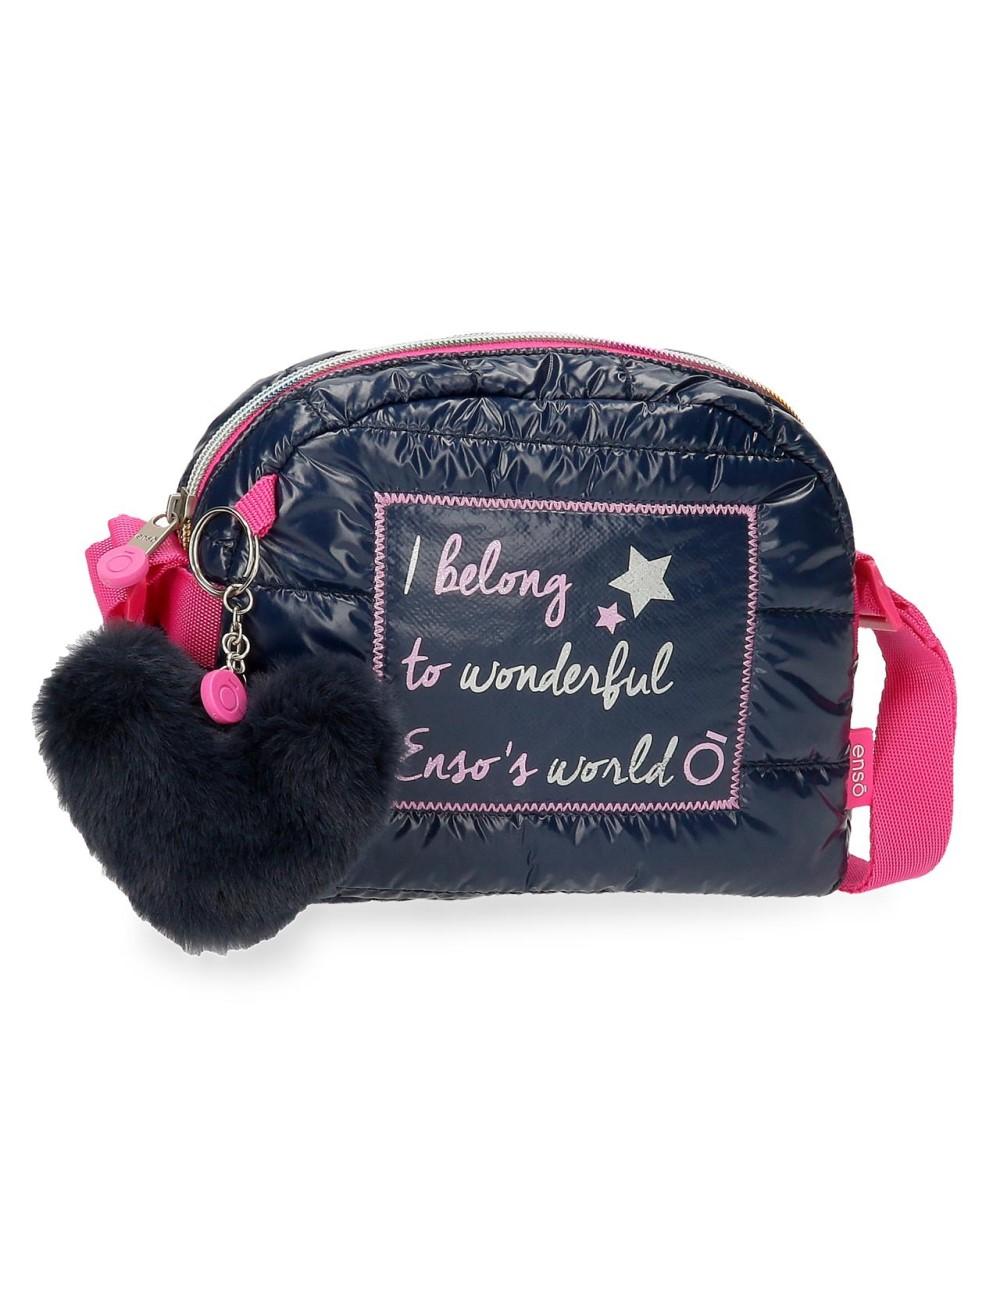 Bandoelra Ensoo Make A Wish 9195421